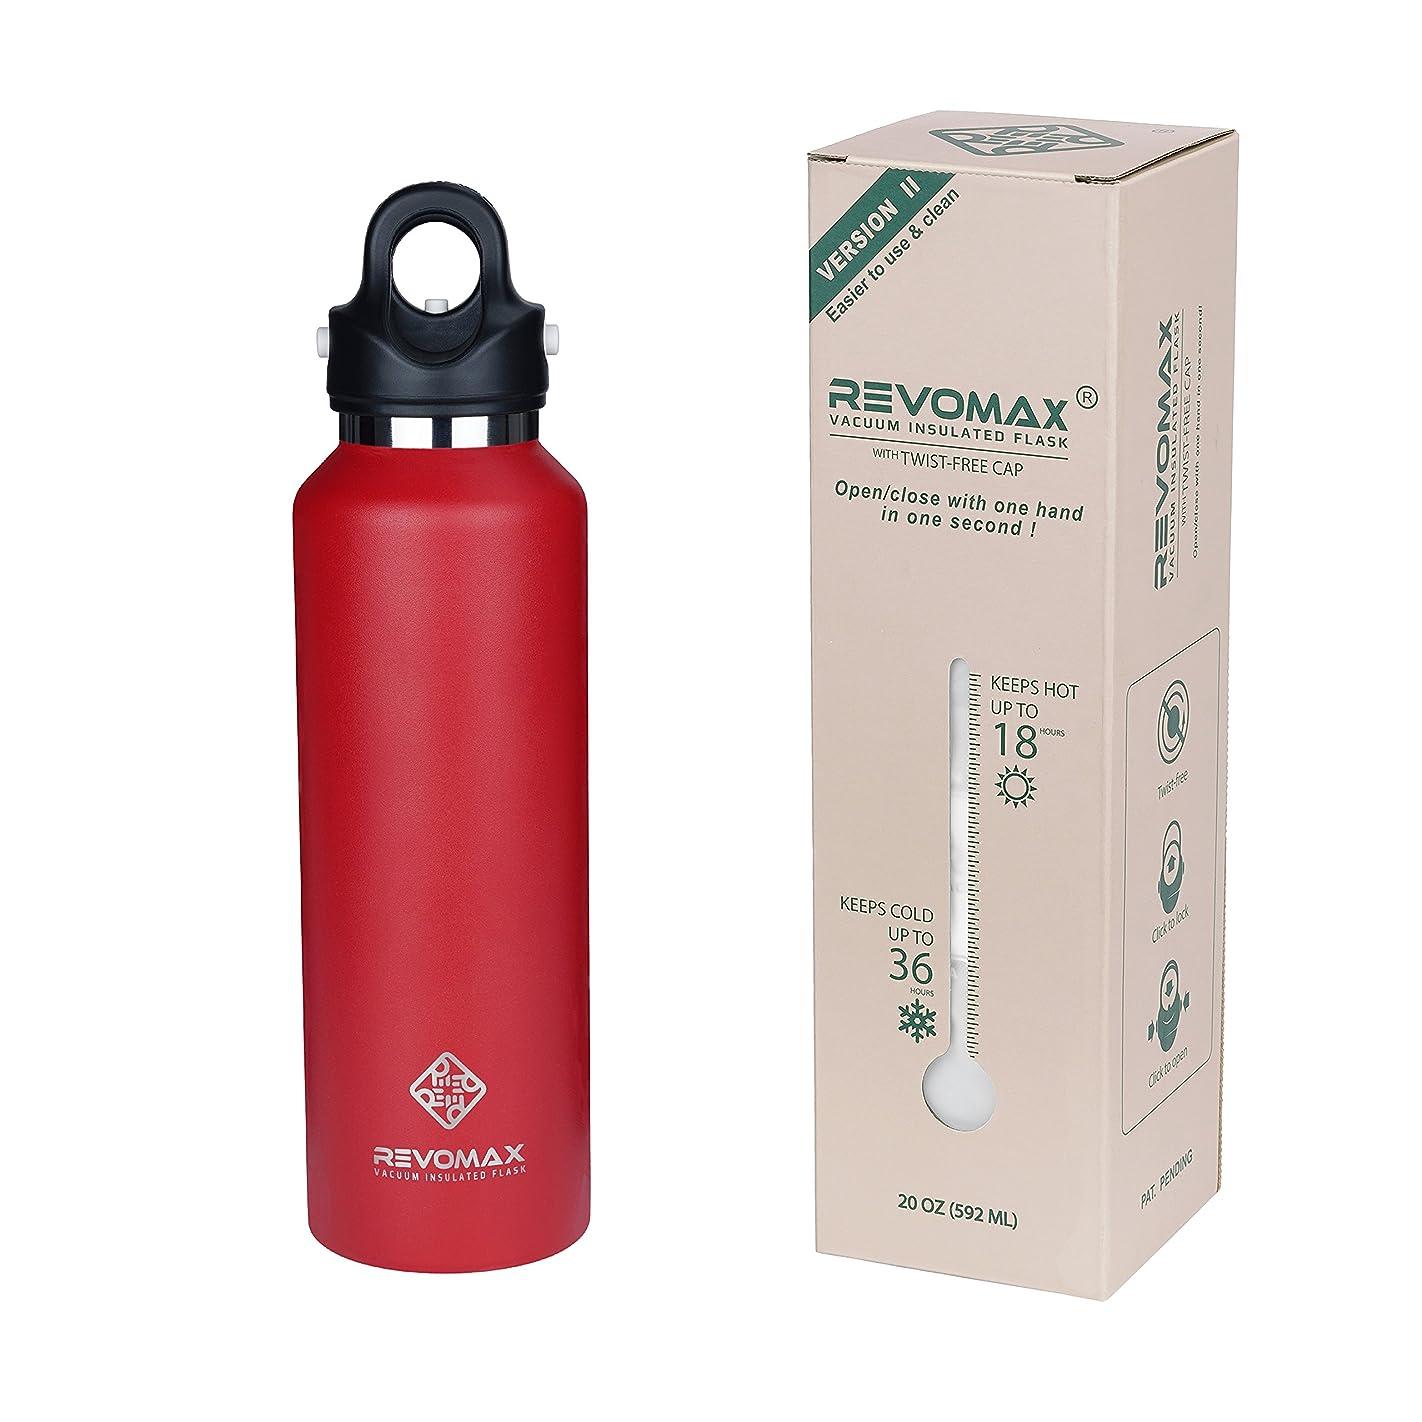 聞きます重量改革REVOMAX 真空断熱ボトル RevoMax2 0.592L ファイヤーレッド DWF-20427B